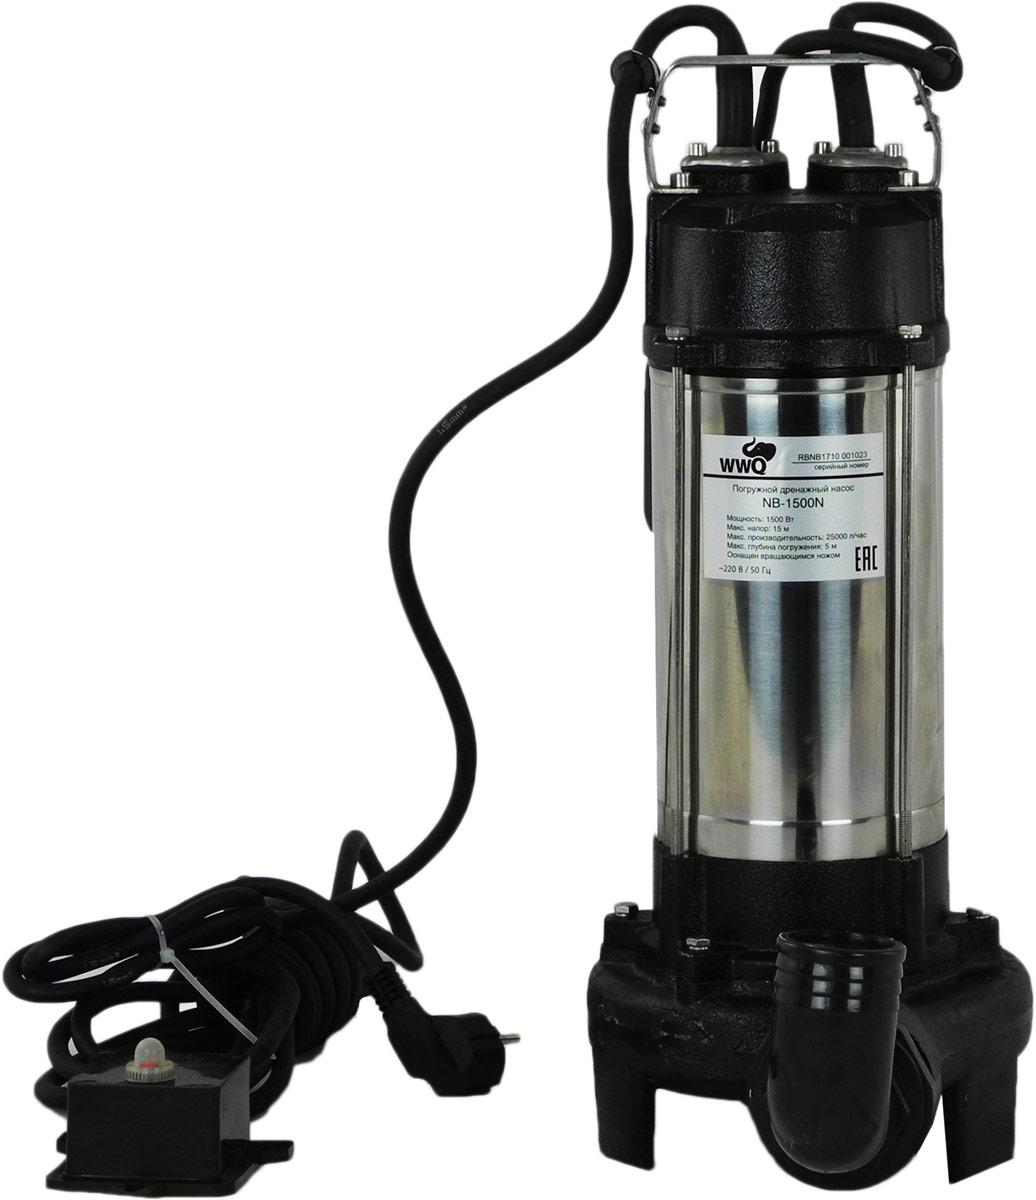 Дренажные чугунные насосы WWQ серии NB*N, служат для перекачивания сильно загрязненных дренажных, дождевых, грунтовых вод из шахт, котлованов, затопленных подвалов и т.д. Чугунный корпус насоса отличается повышенной механической и химической стойкостью. Насосы снабжен встроенным вращающимся ножом, который измельчает крупный мусор, что позволяет использовать данное оборудование для перекачивания канализационных жидкостей. Насосы снабжены поплавковым выключателем и встроенной термозащитой. Насосы требуют напряжения в сети 220В/50Гц.